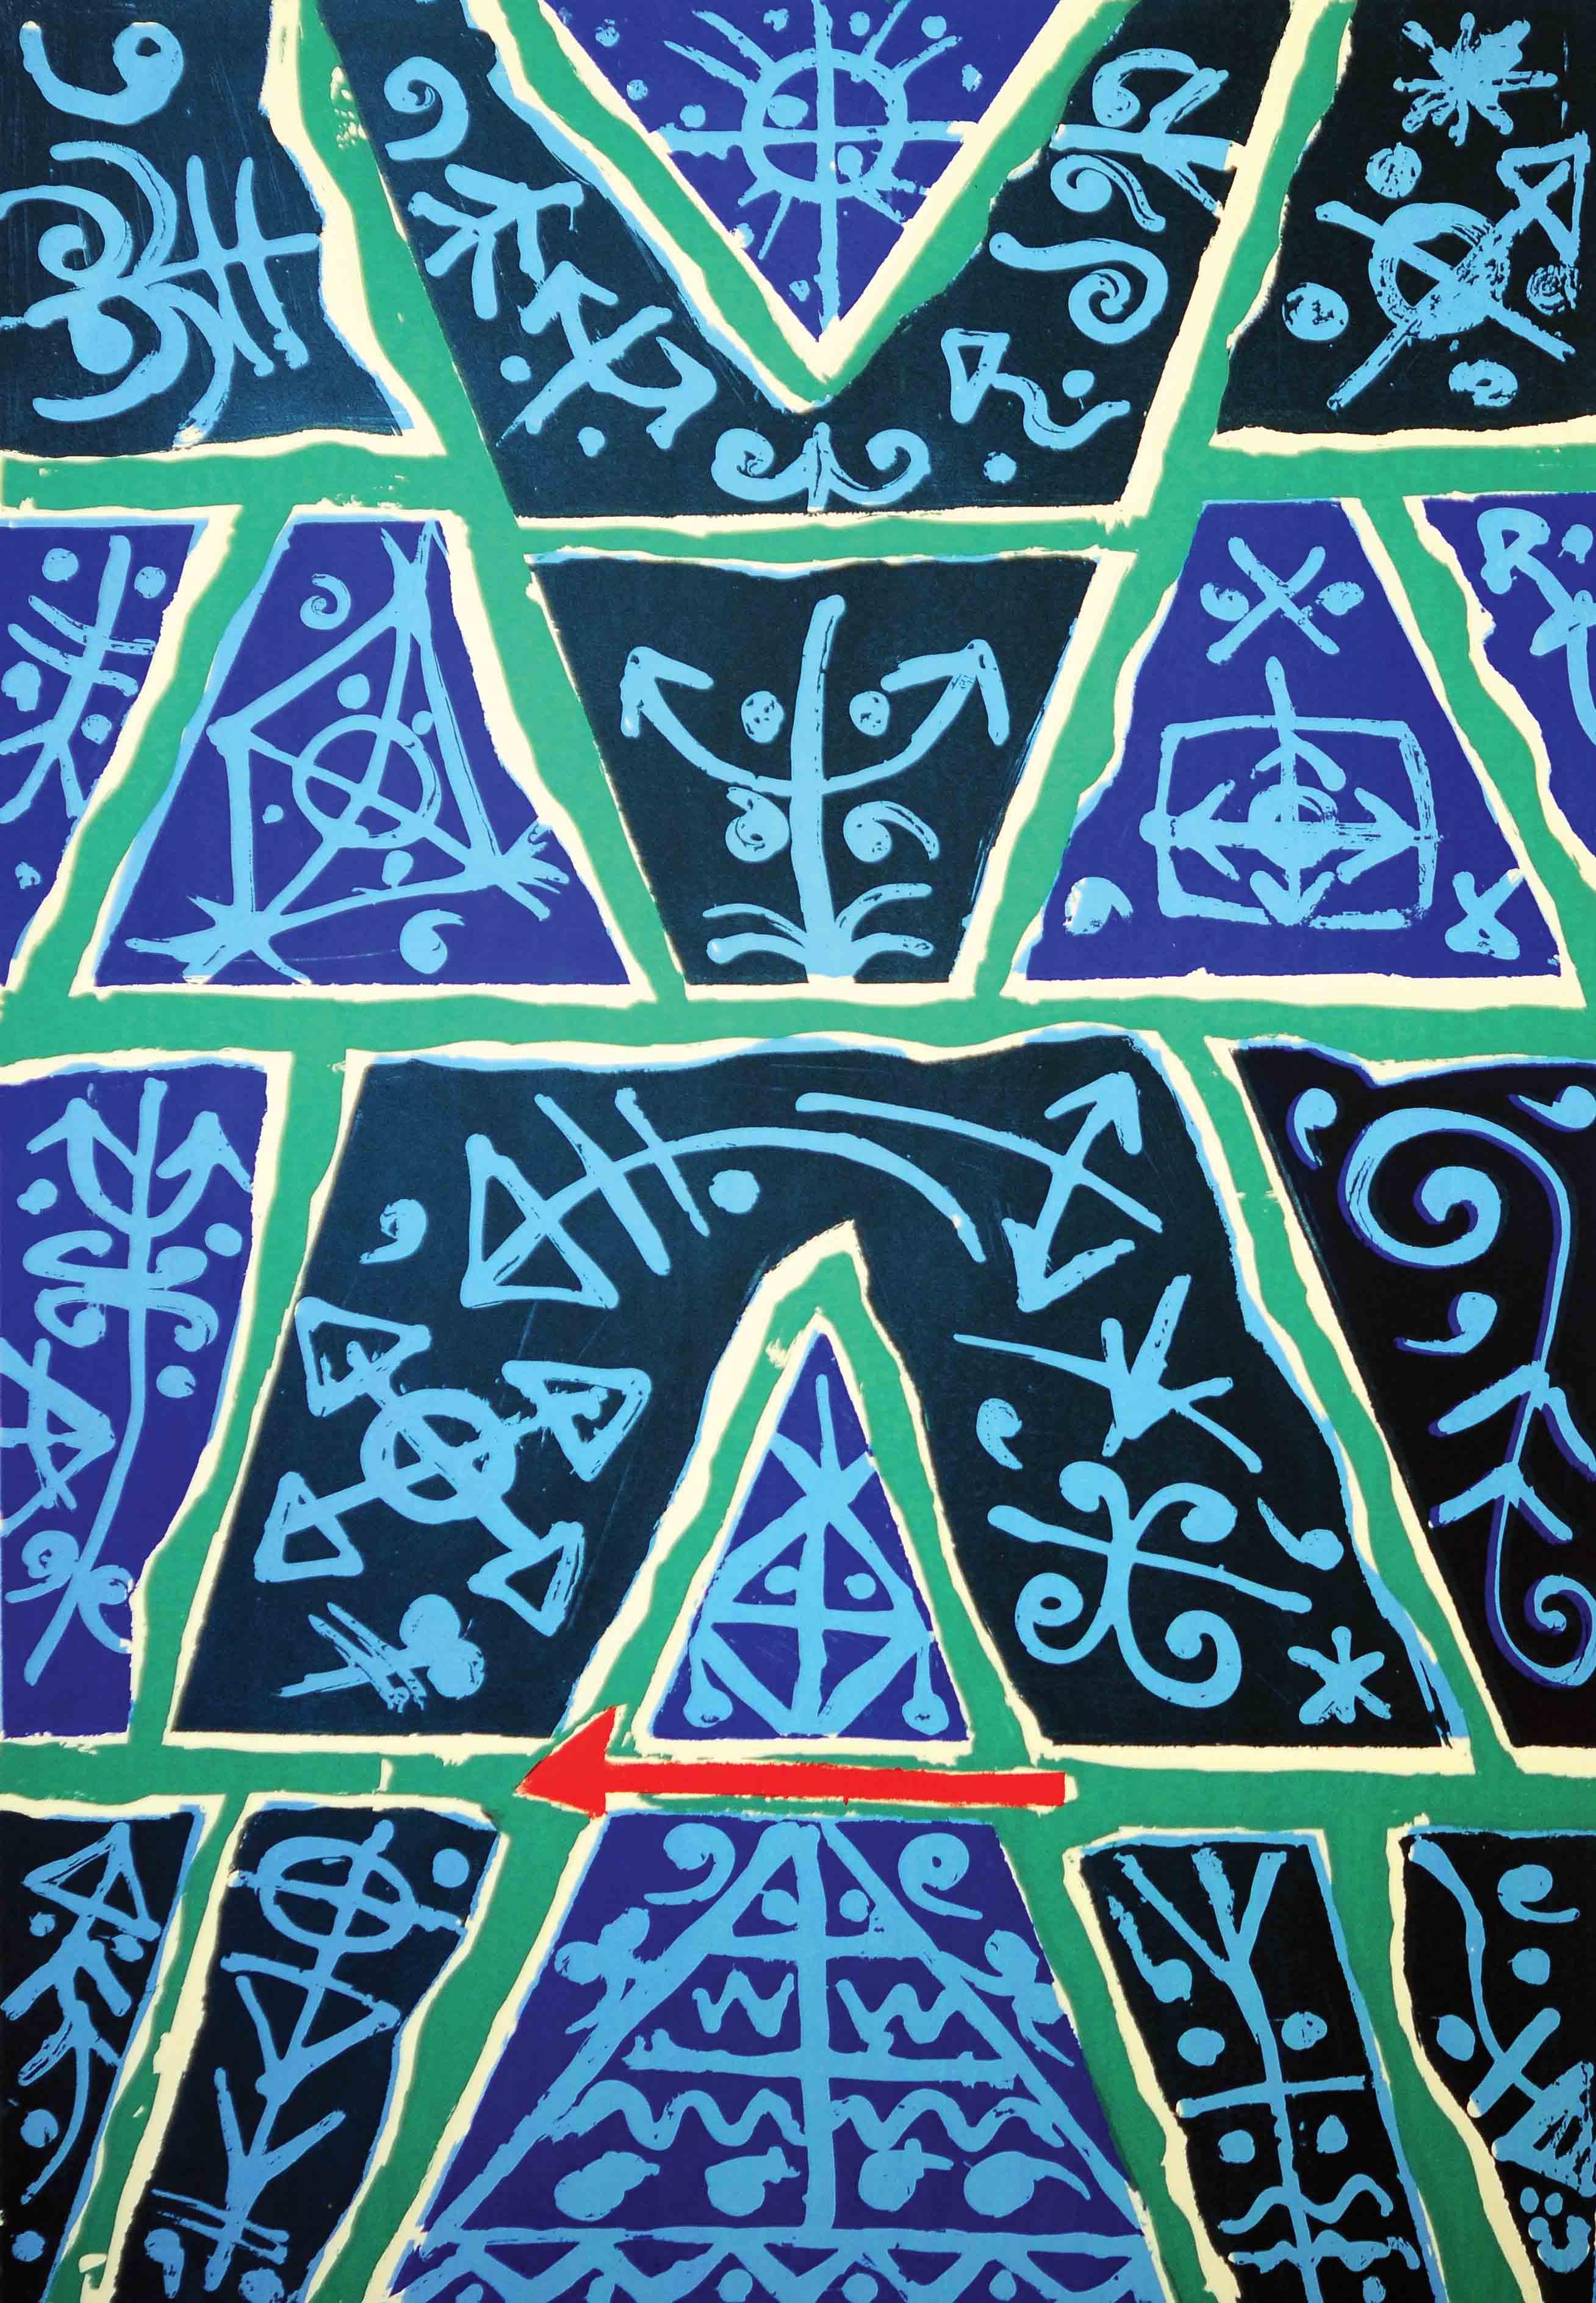 Magician's Chant, 1991